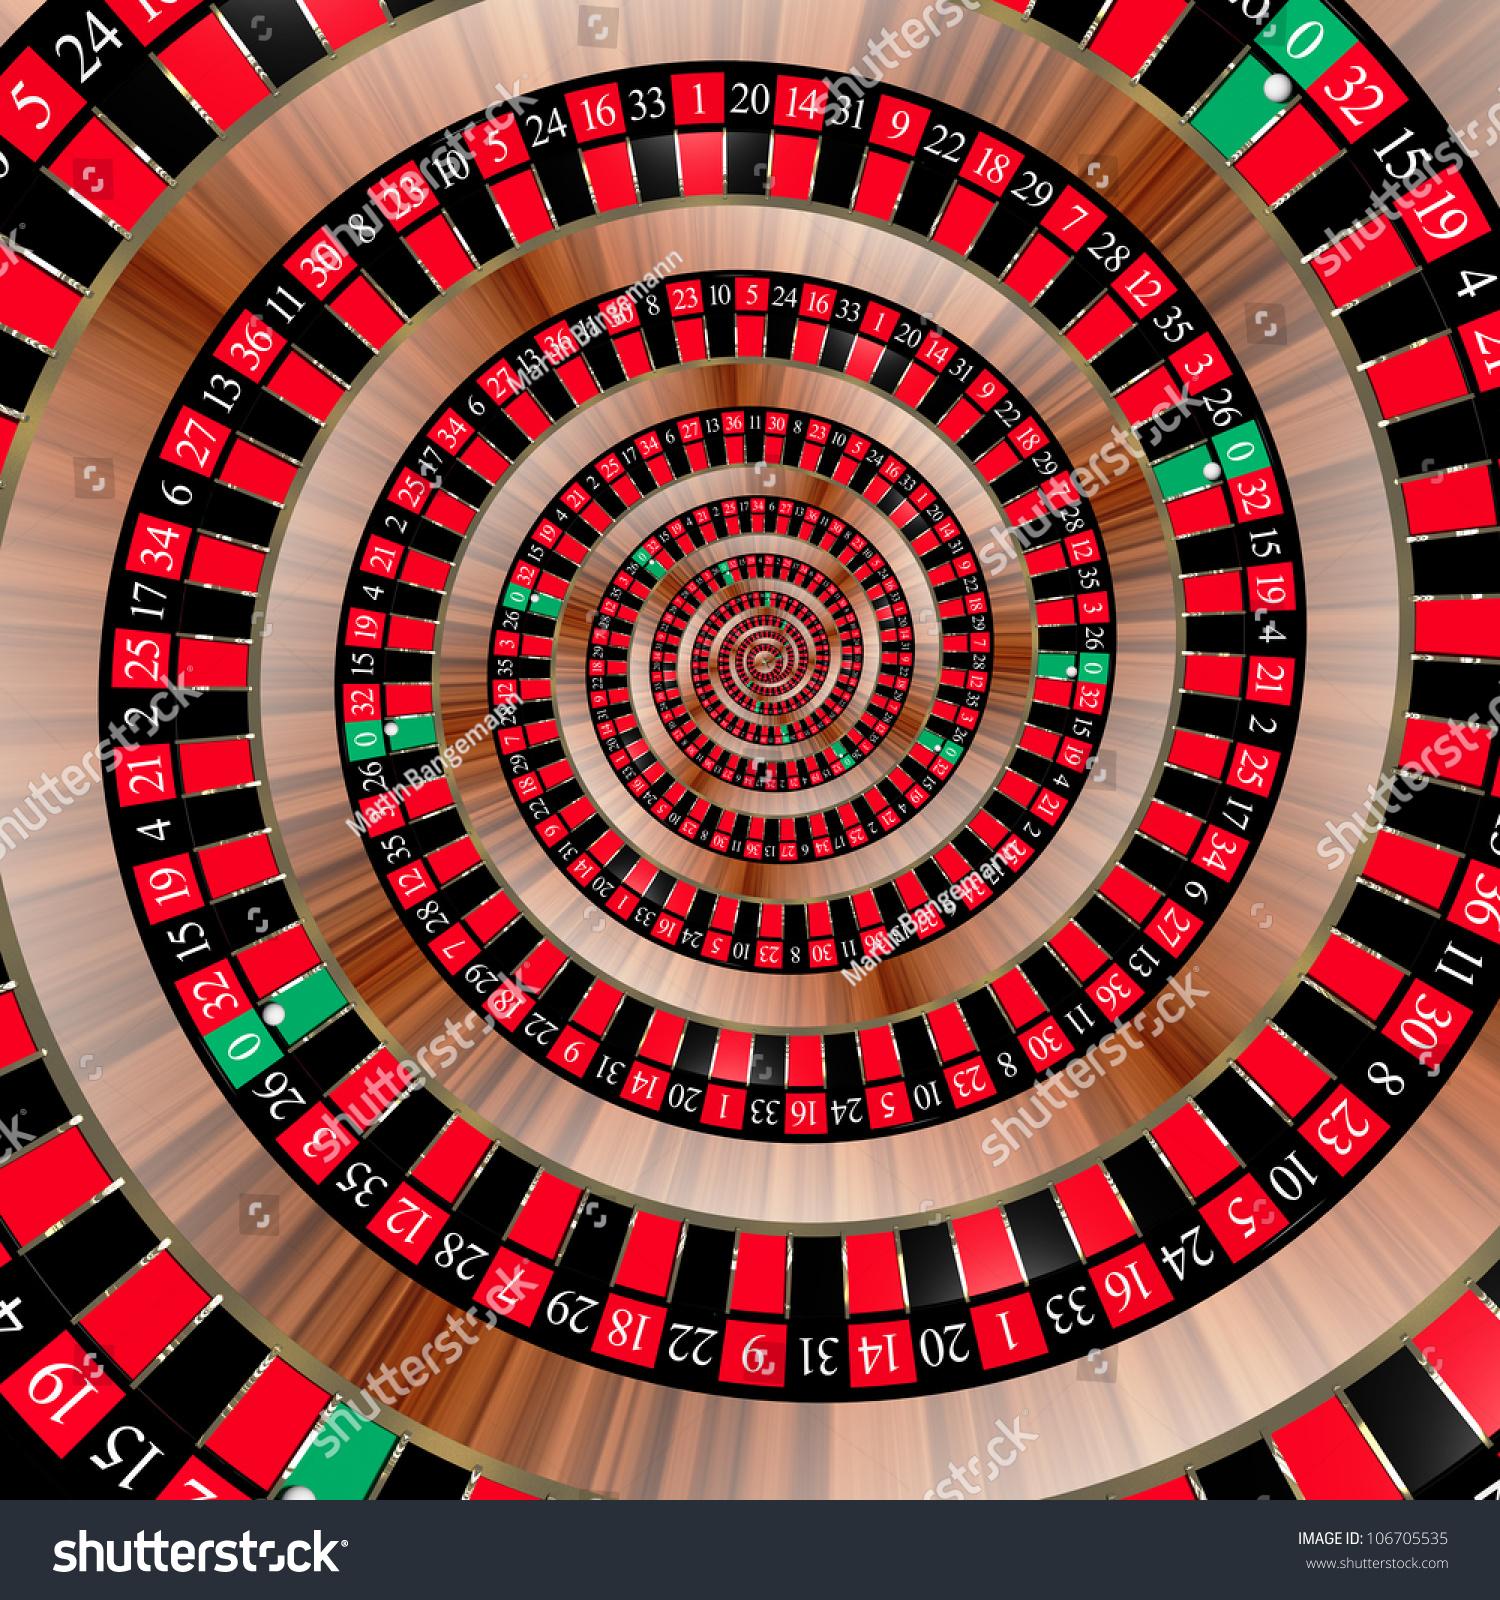 Everest Poker Casino Lucky - 69784